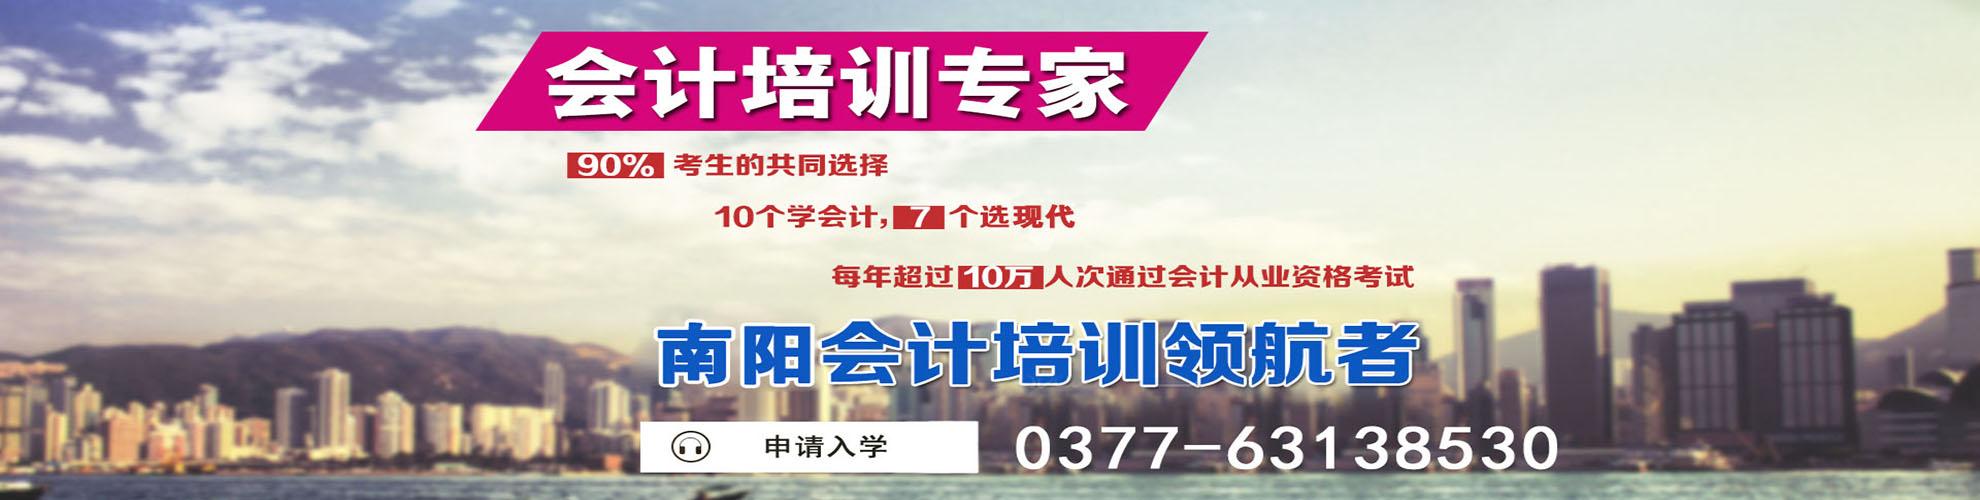 南阳会计培训学校